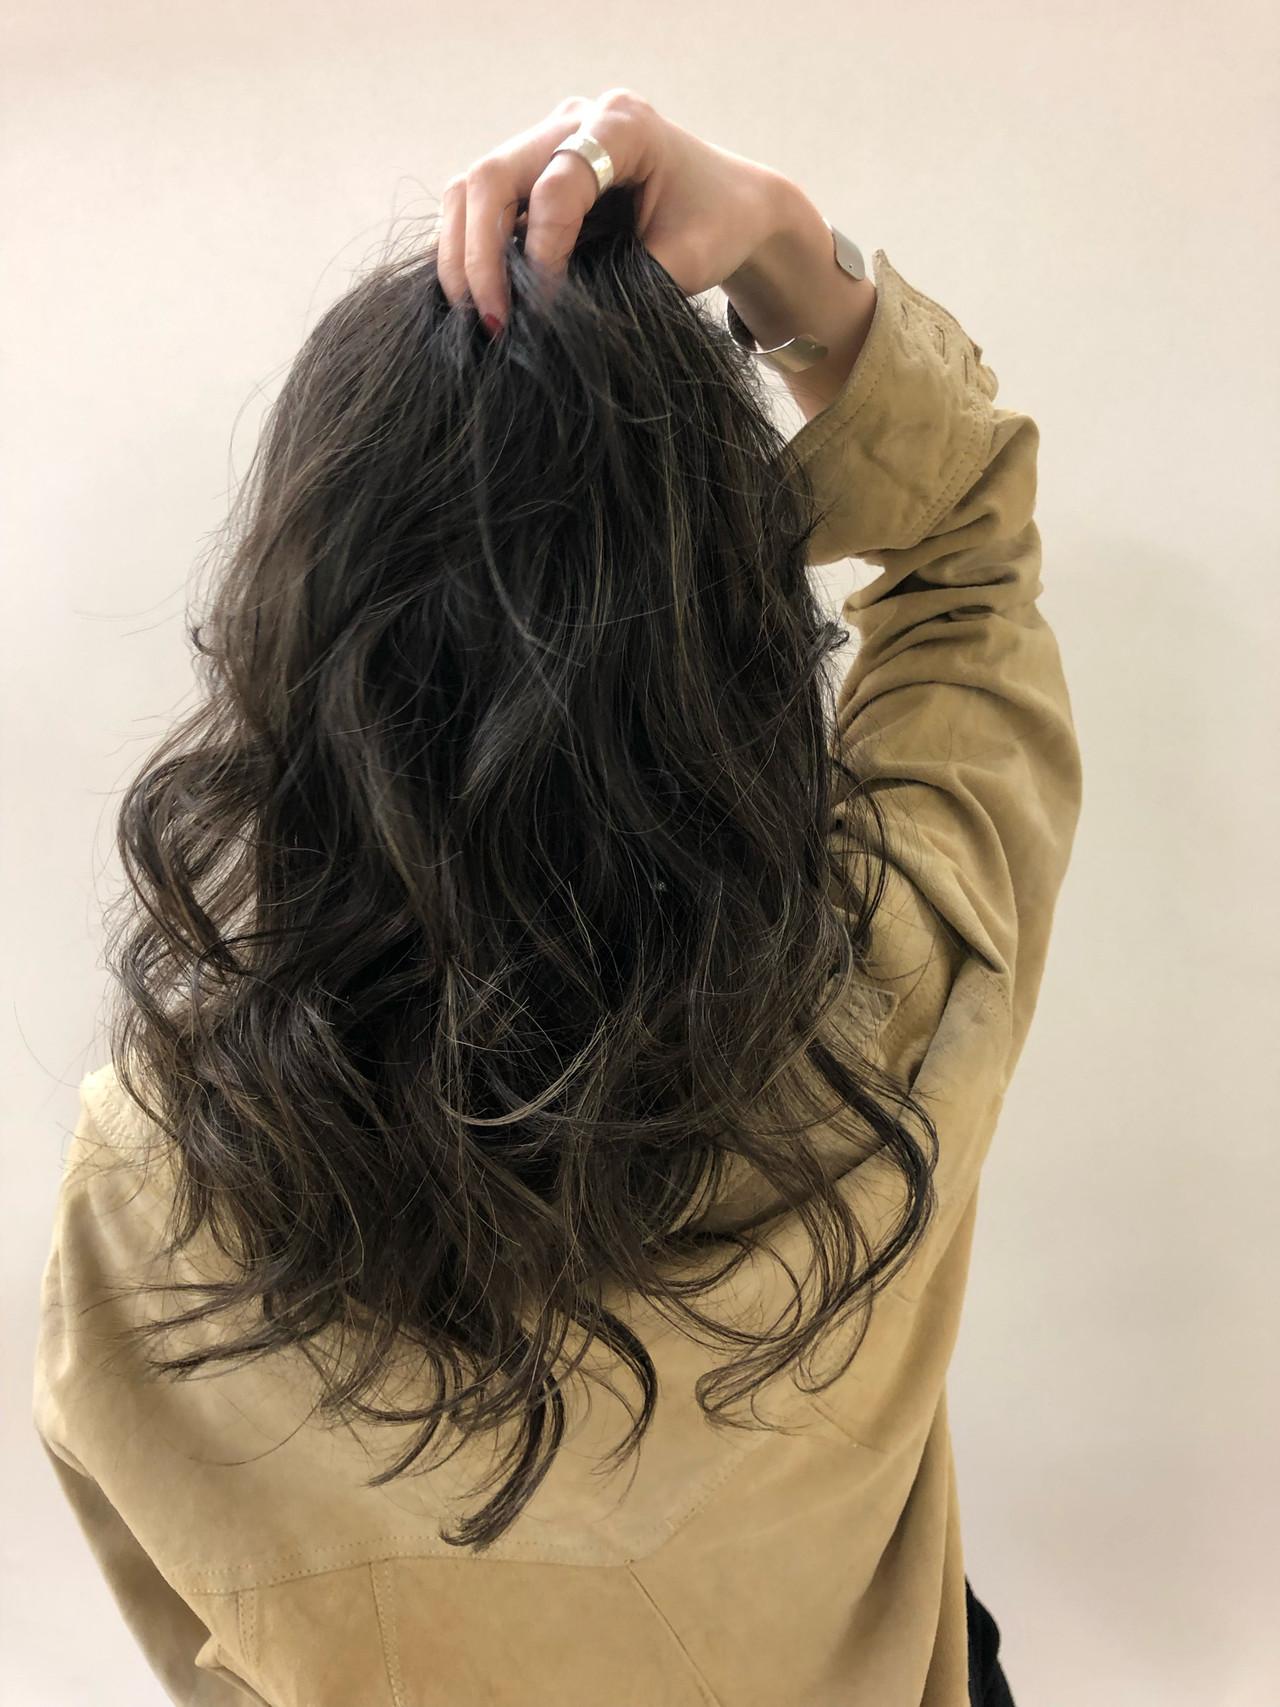 グラデーションカラー エレガント ハイライト ロング ヘアスタイルや髪型の写真・画像 | 石津 慧/ヘアカラーリスト/ロングヘア / kakimoto arms青山店